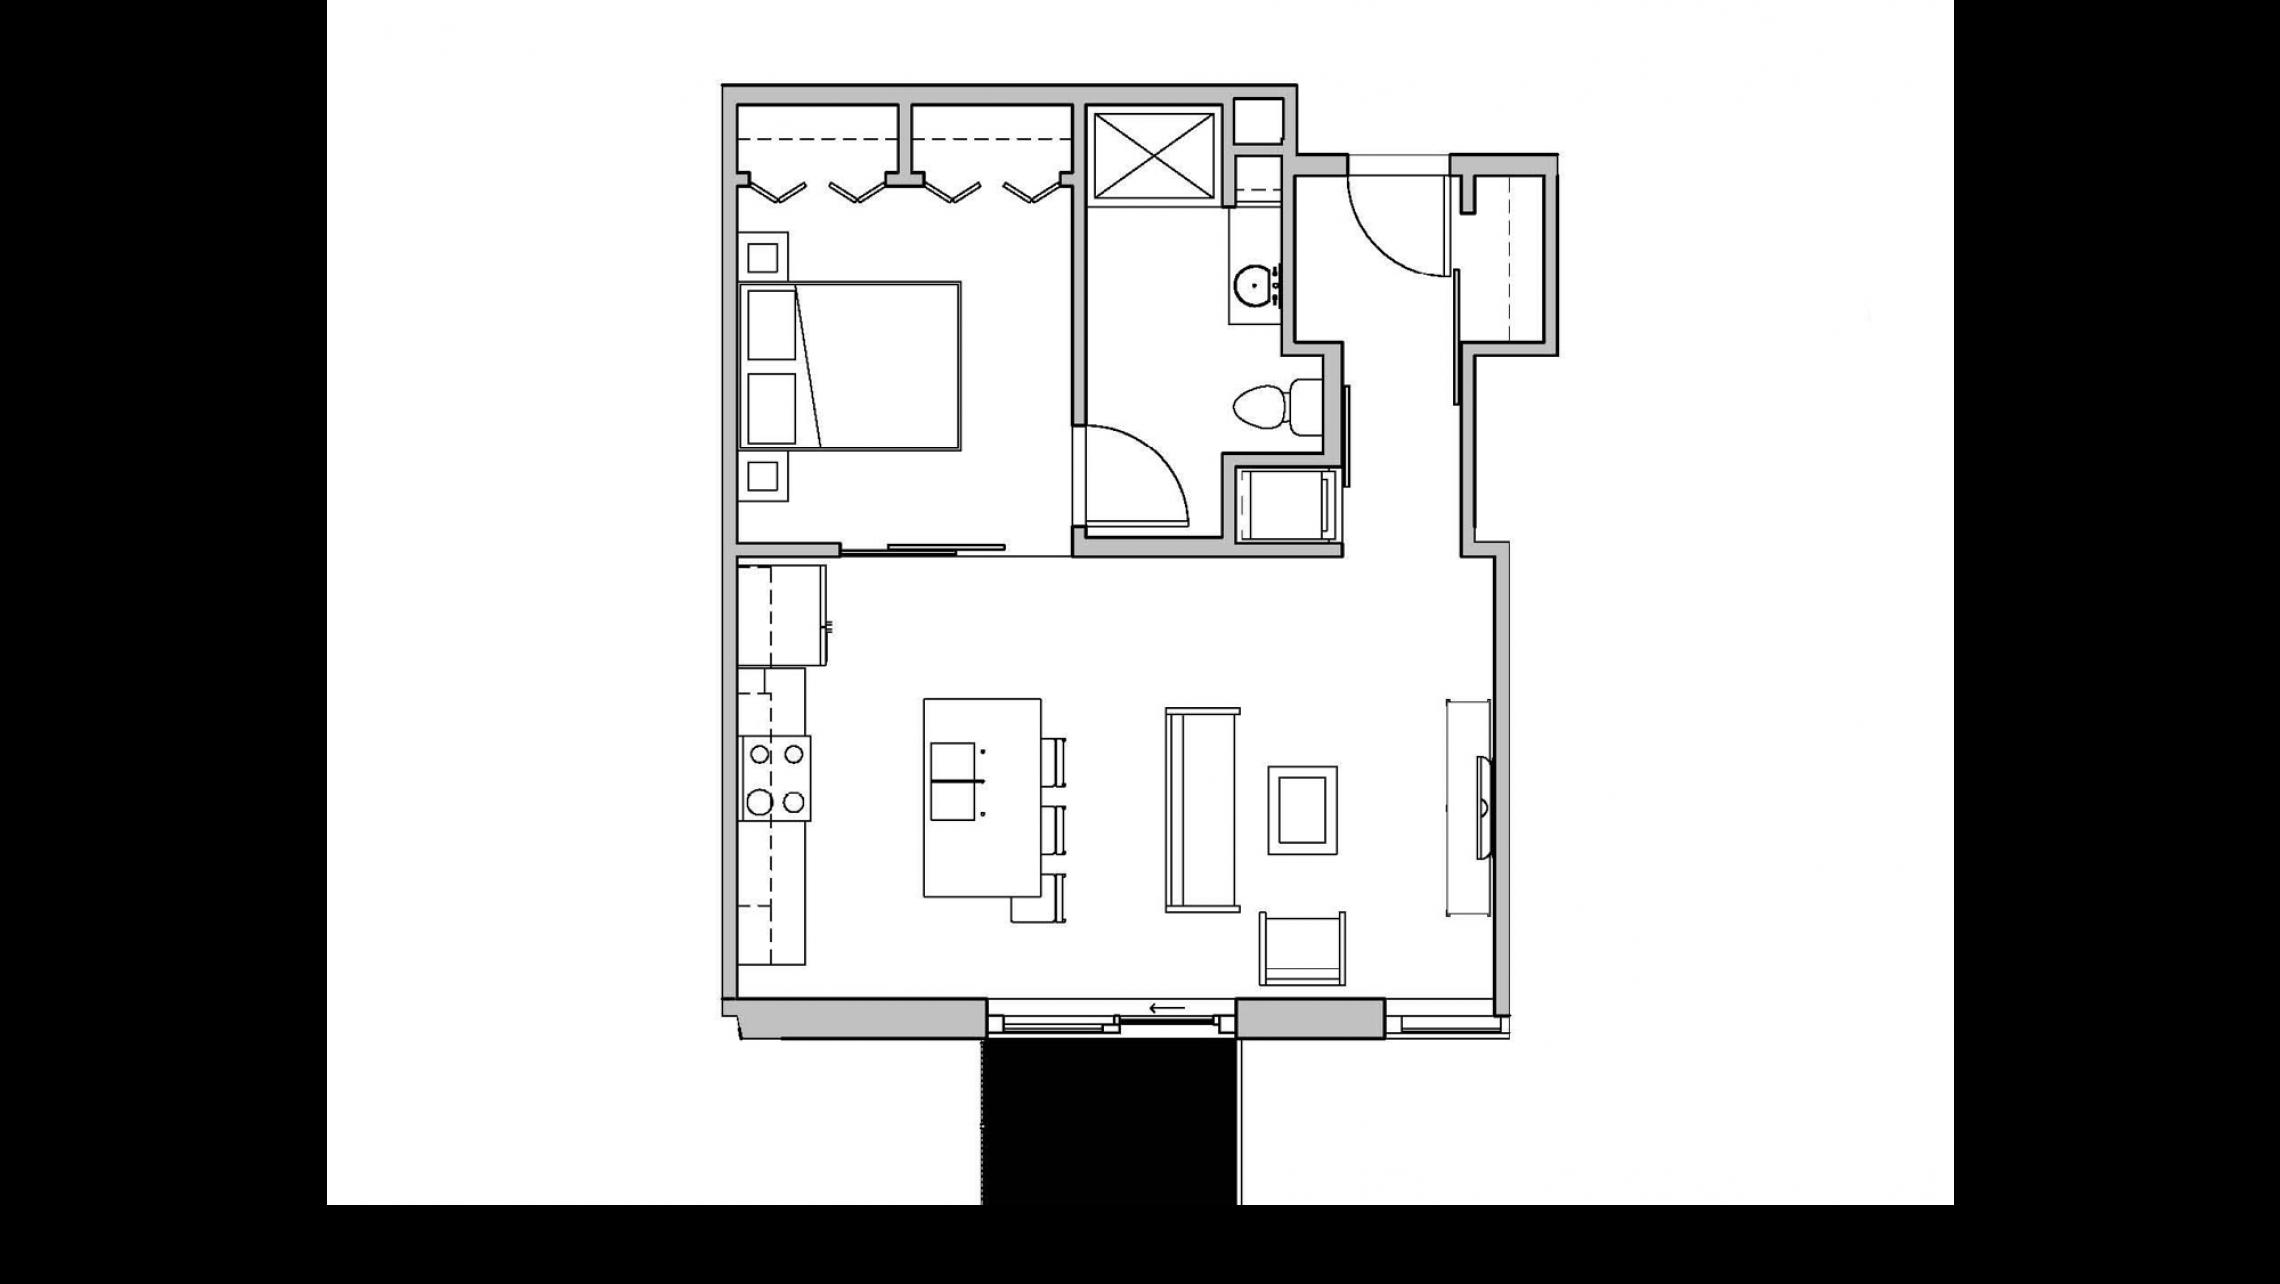 ULI Seven27 313 - One Bedroom, One Bathroom